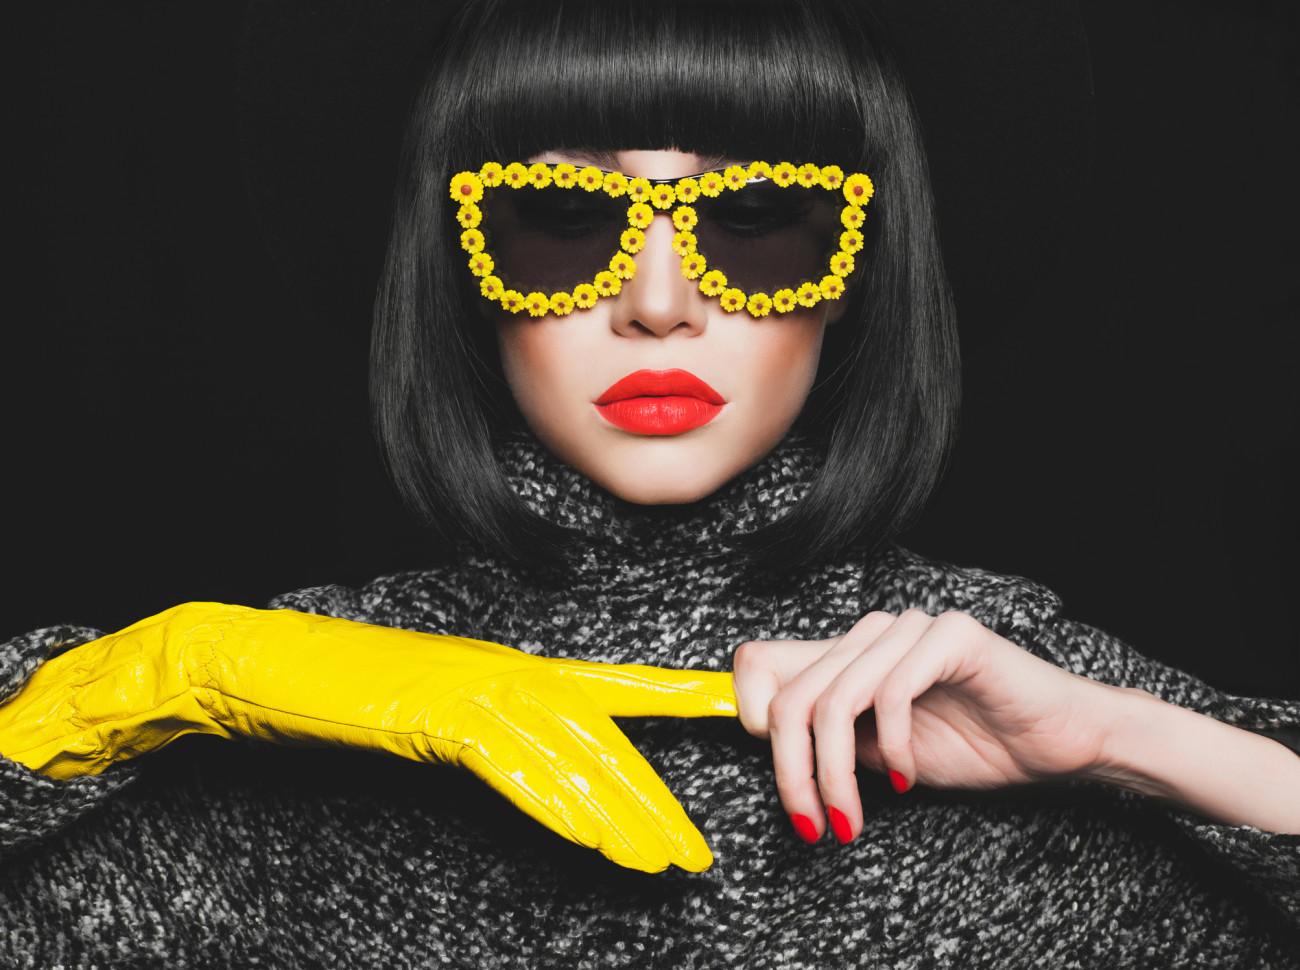 Frisuren Für Brillenträger Gar Nicht So Haarig Desiredde